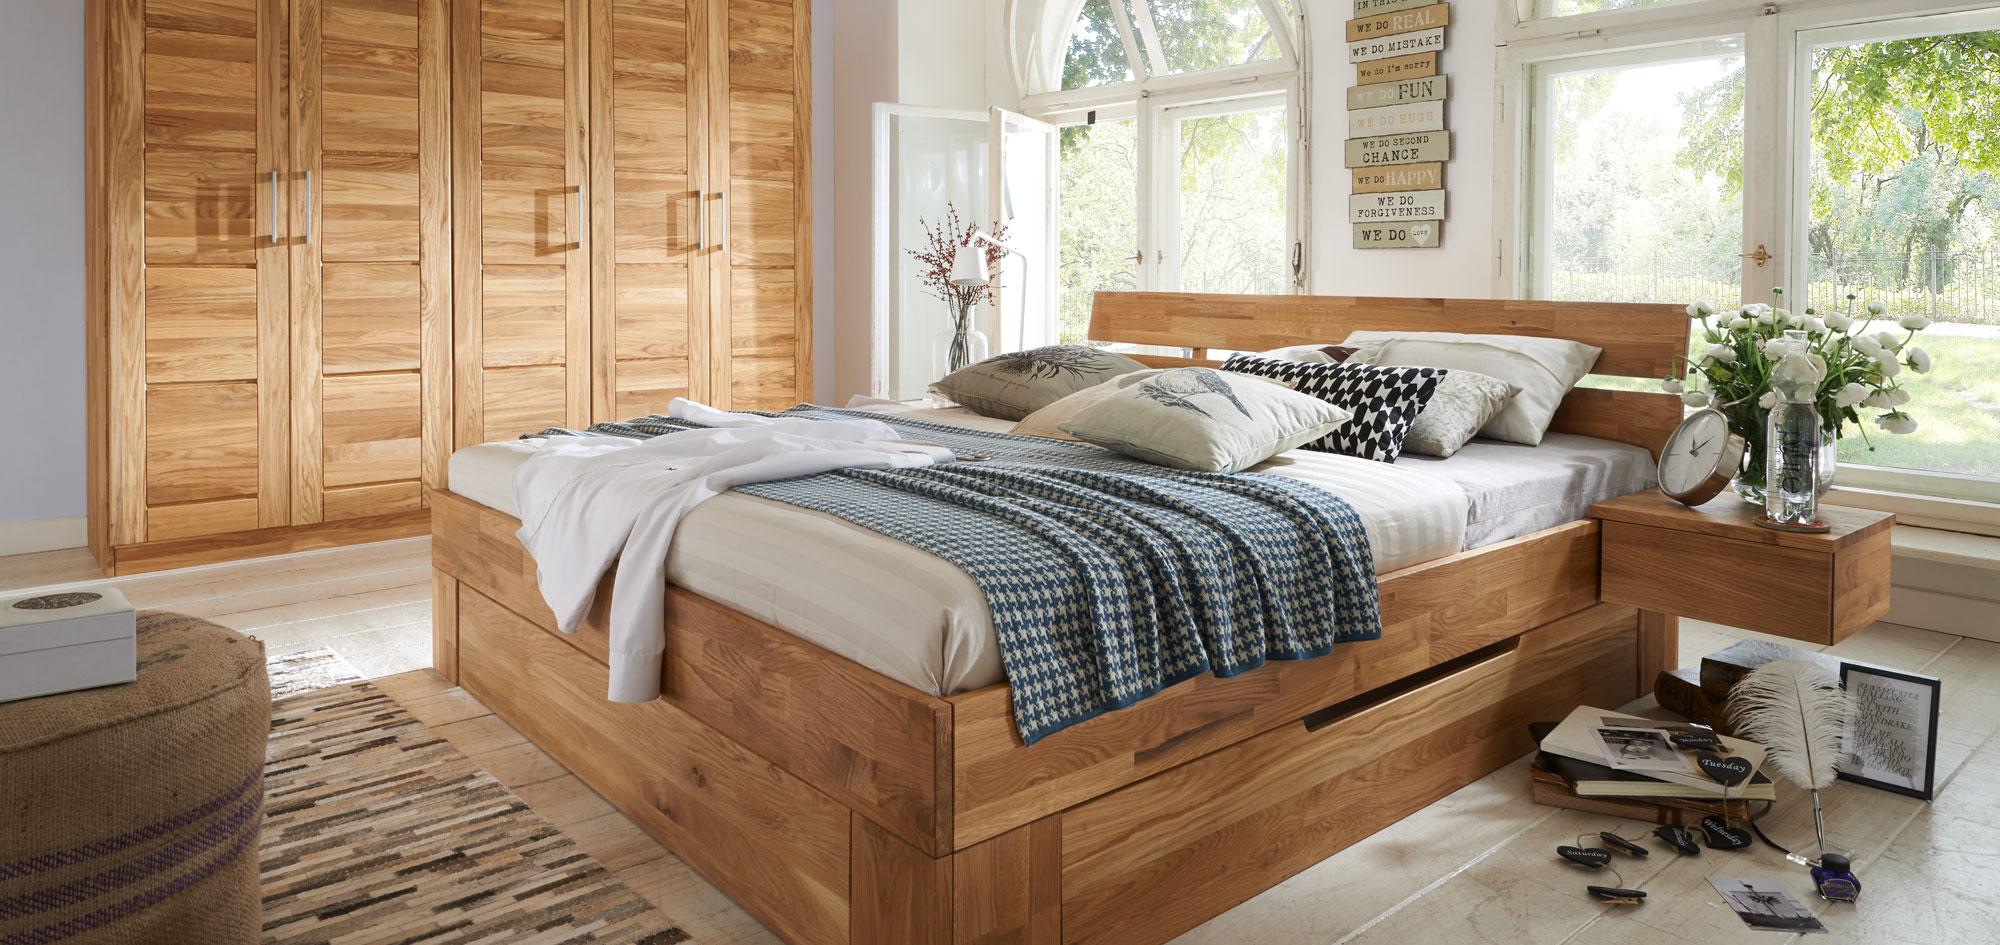 Massivholz Schlafzimmer Modern Zen, Bild 1